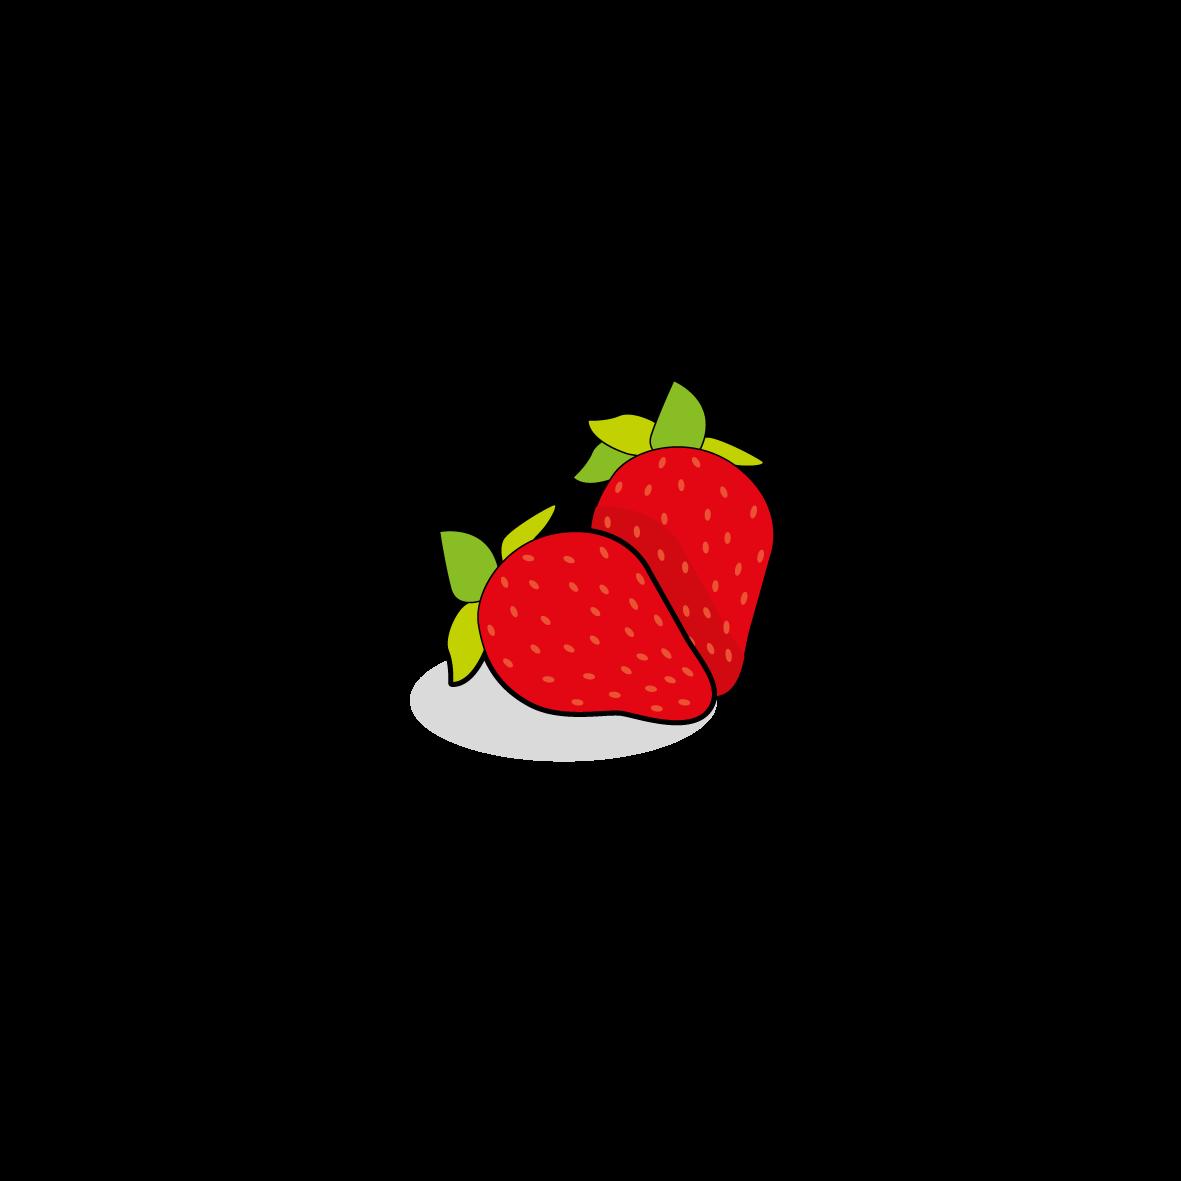 Icone d'une fraise, ailmacocotte.com